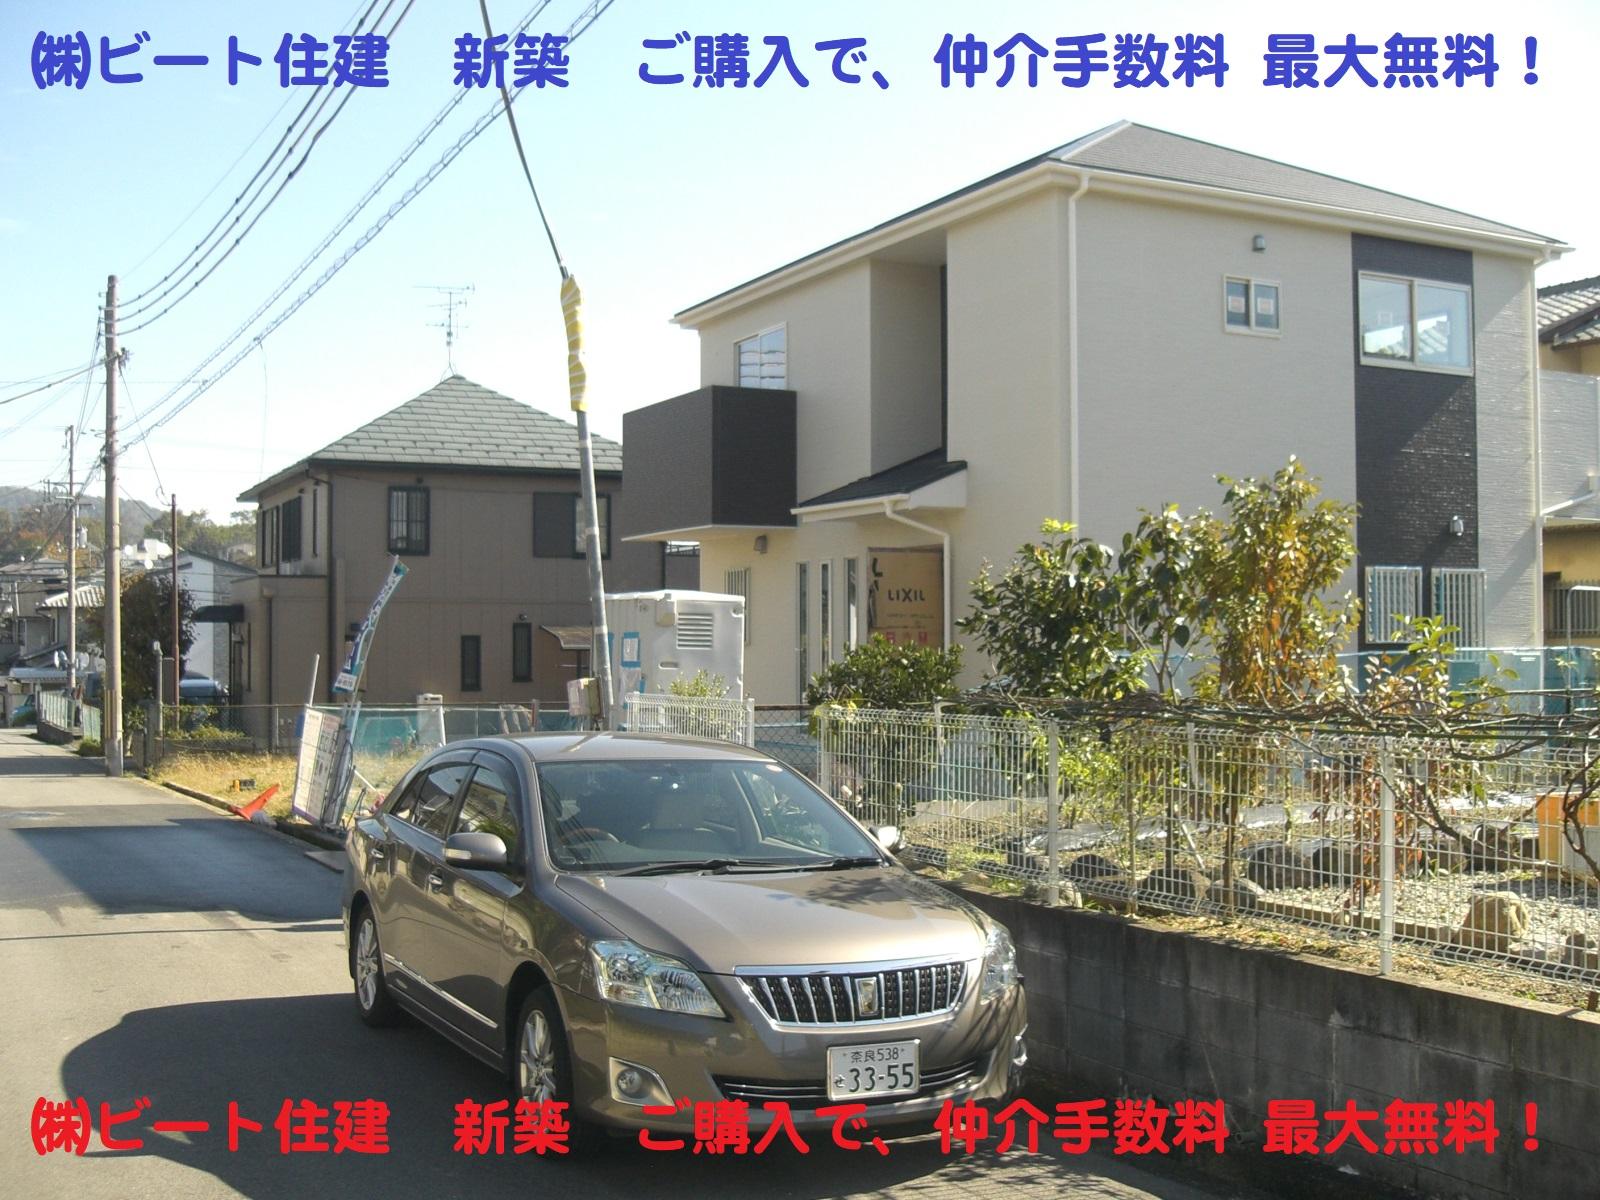 奈良県 新築一戸建て 三郷町 美松ヶ丘 ご購入で、仲介手数料 最大無料です。